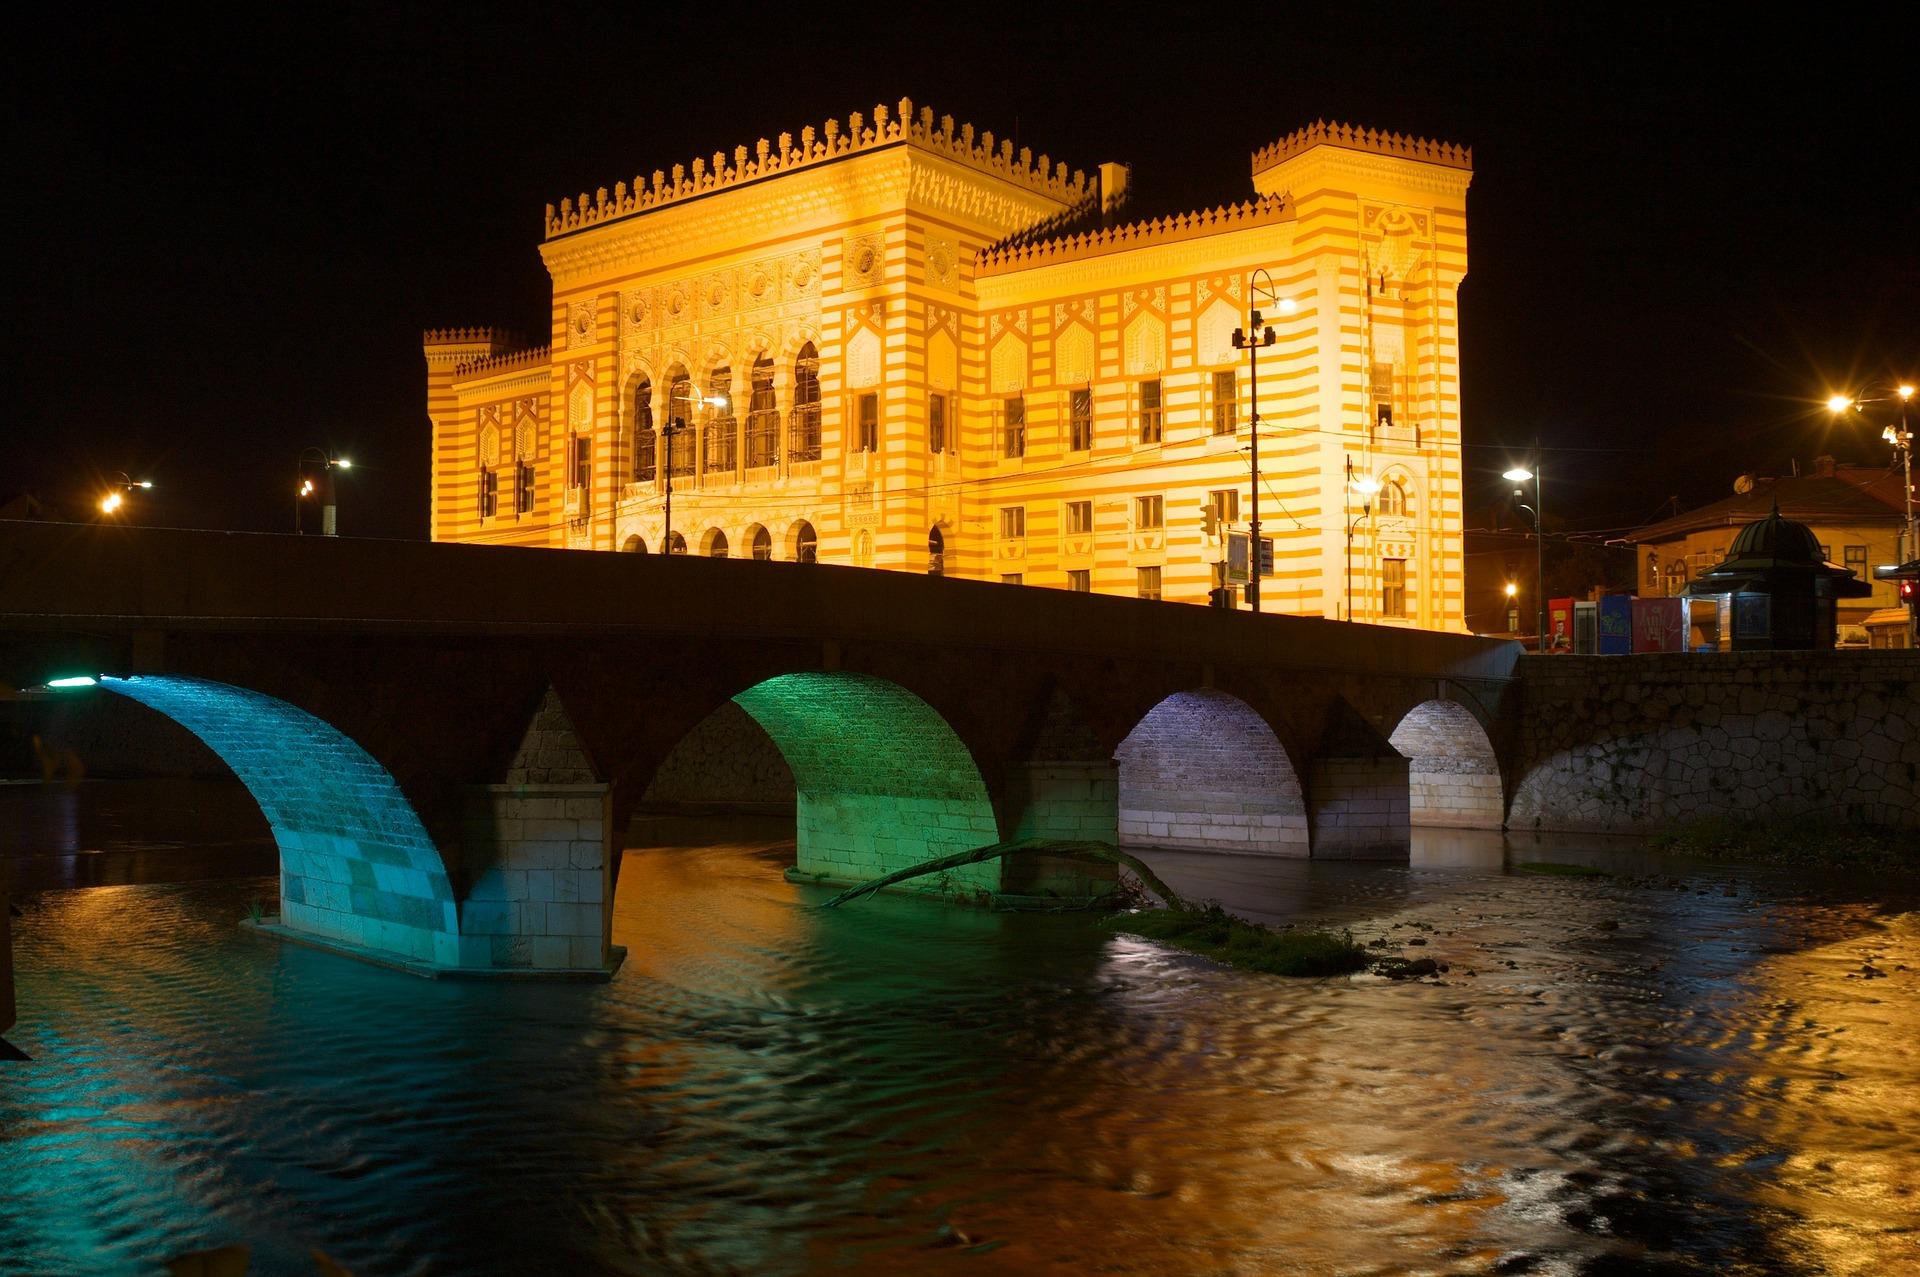 A trip to Sarajevo